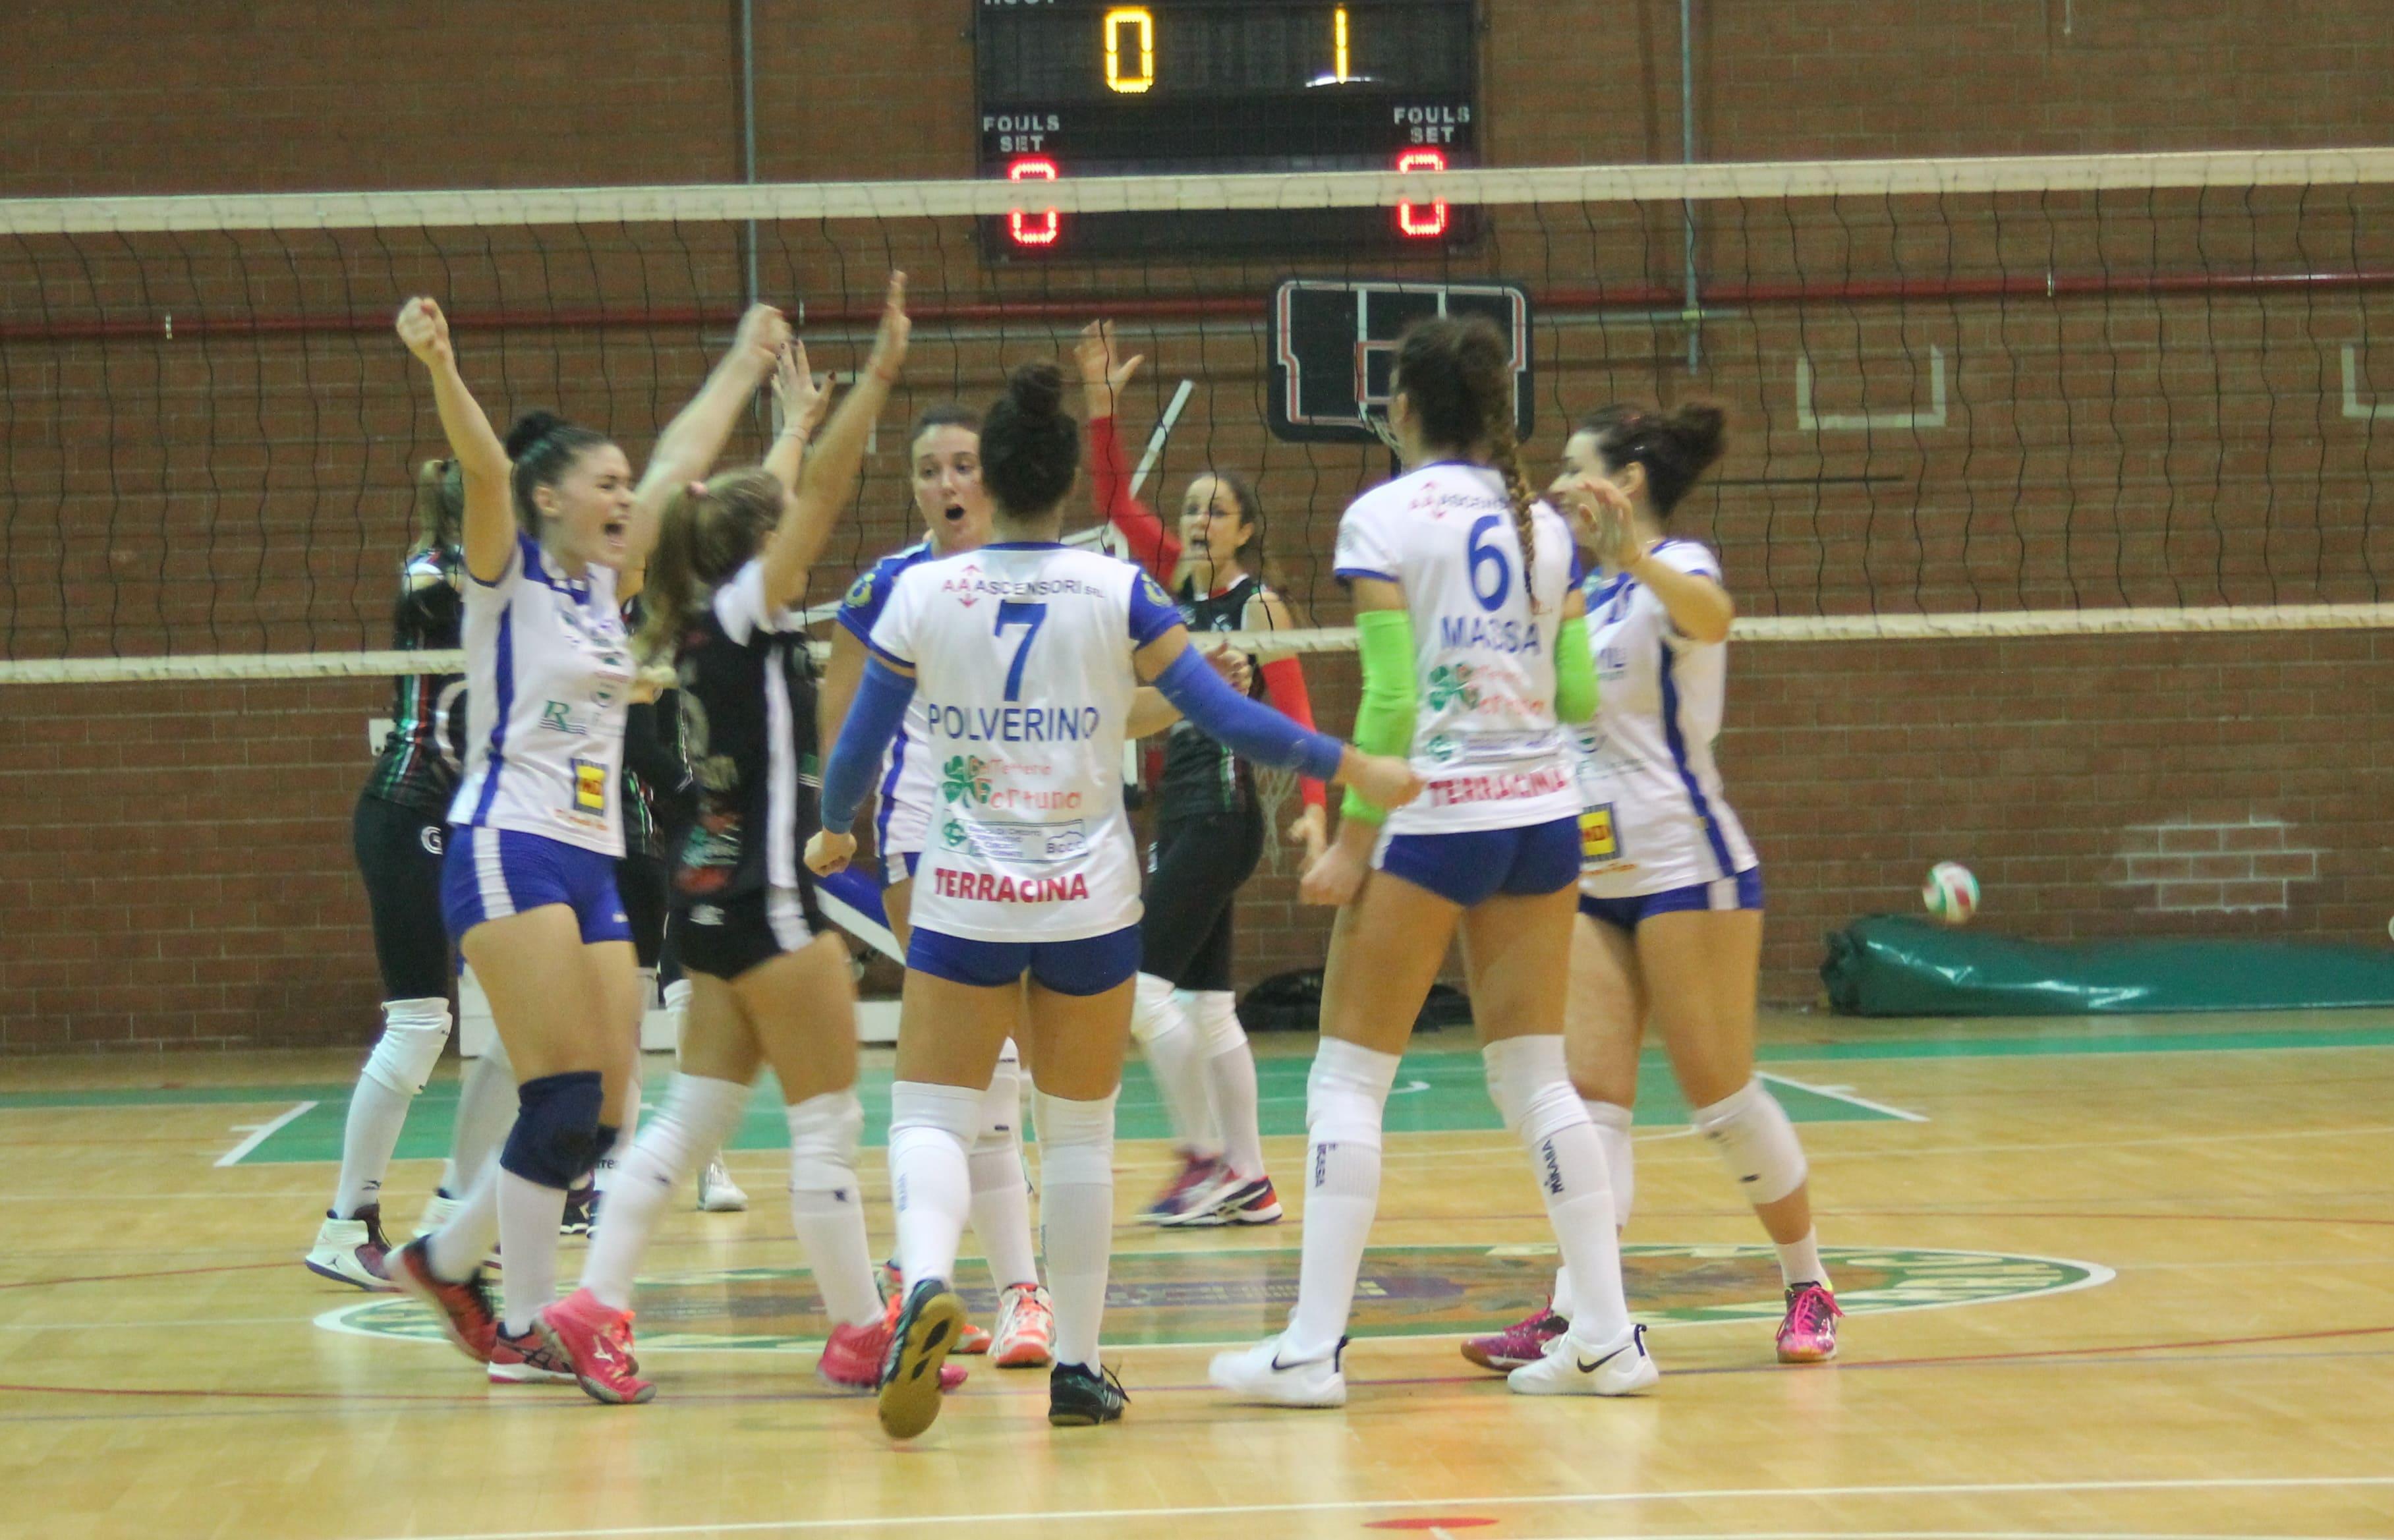 serie-b2-volley-terracina-sconfitta-onorevole-con-la-domus-aprilia